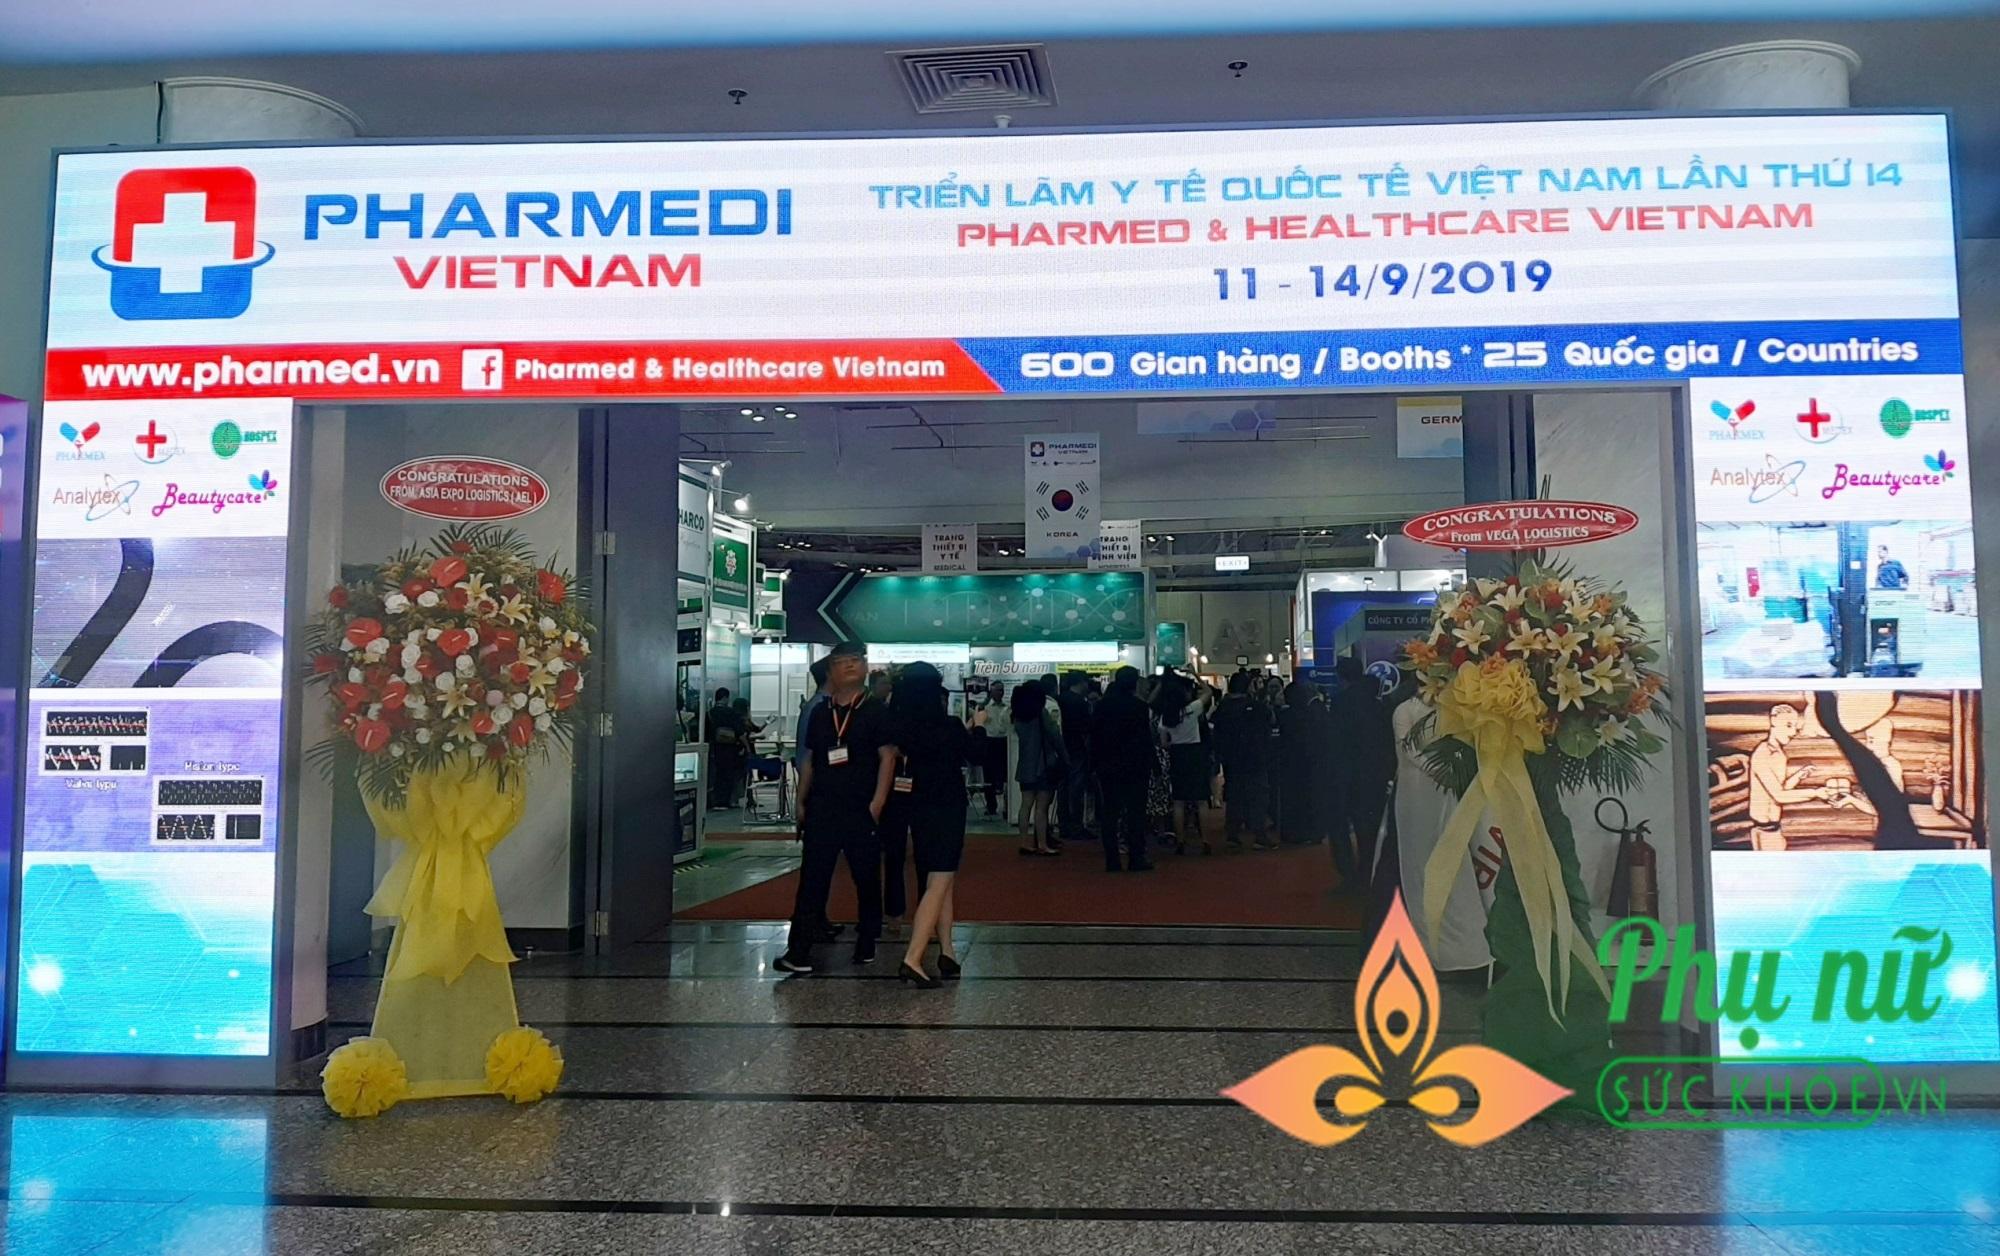 Triển lãm Y tế Quốc tế Việt Nam 2019: Cơ hội vàng giao thương giữa các doanh nghiệp  - Ảnh 1